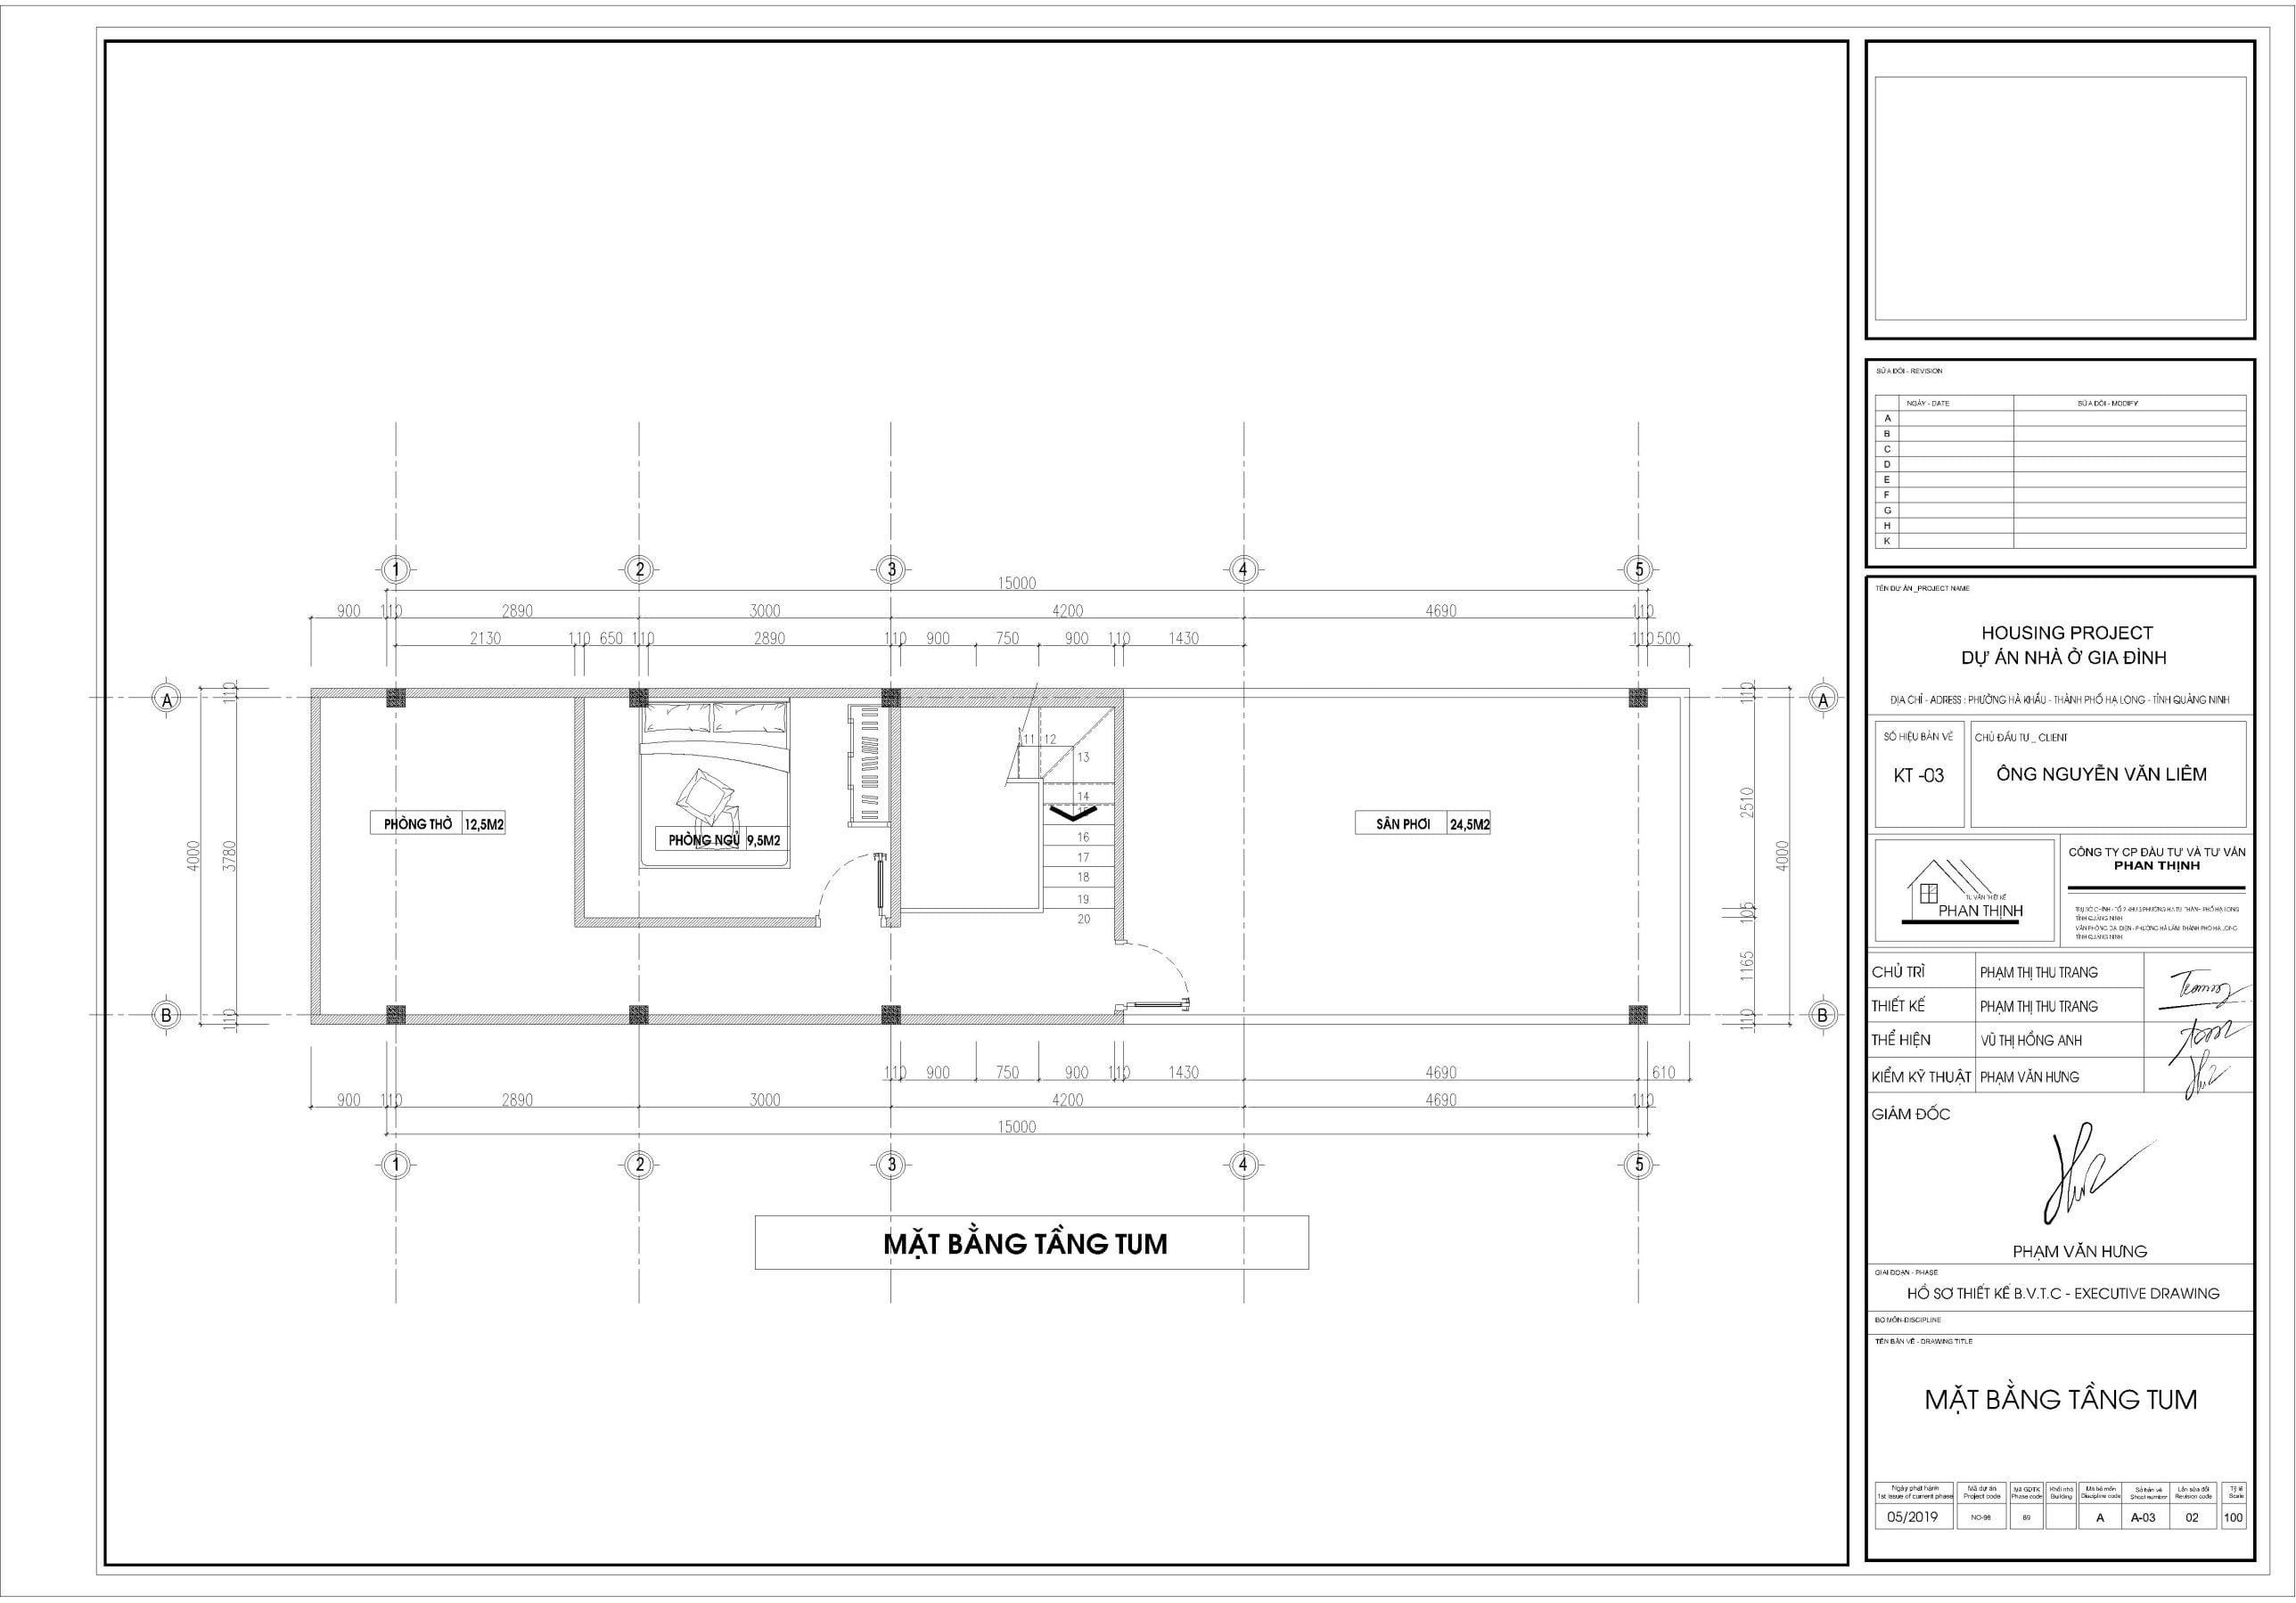 Mặt bằng thiết kế ngôi nhà 3 tầng tại tầng tum.